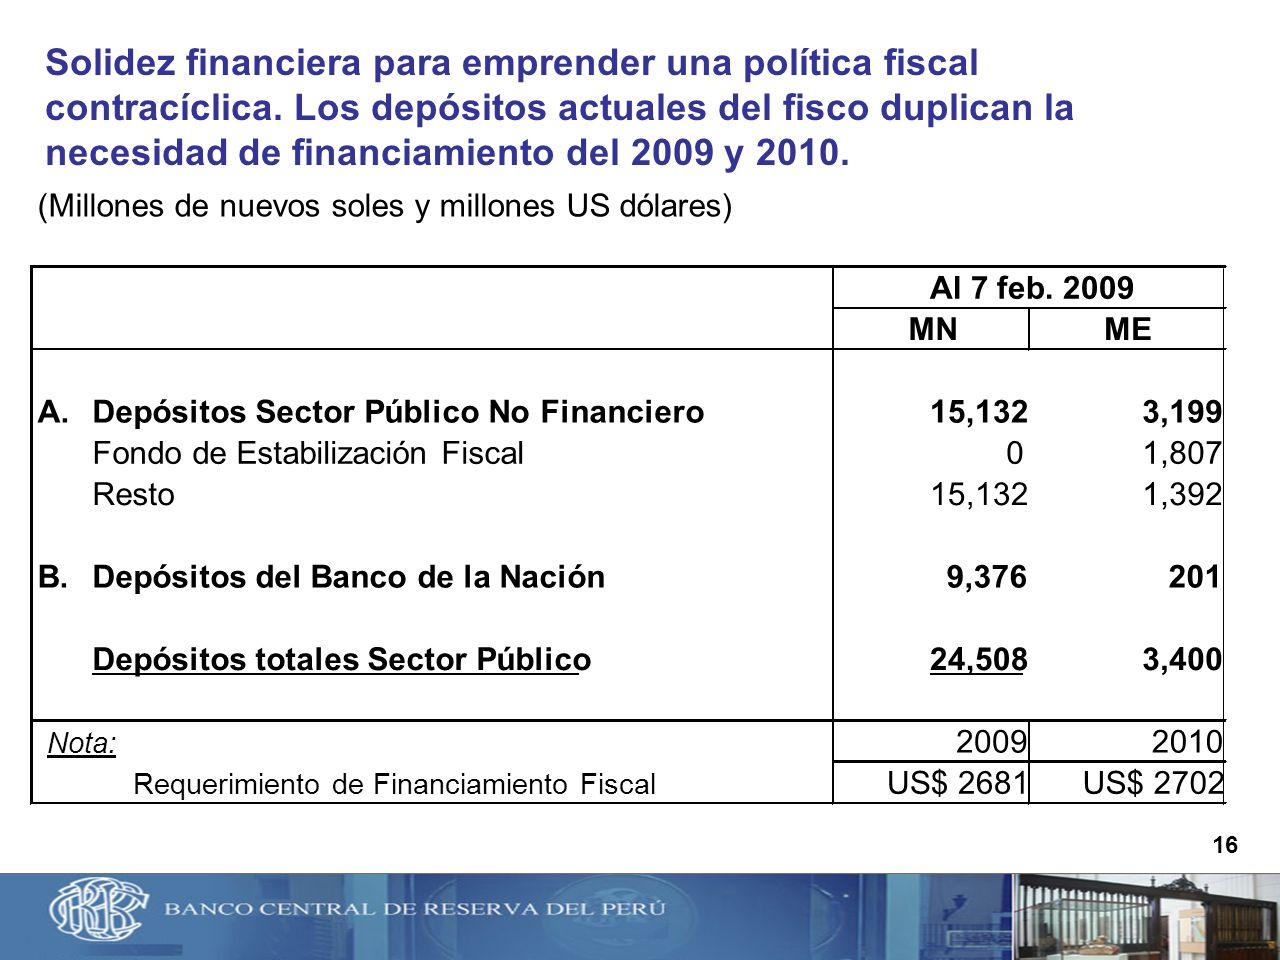 16 Solidez financiera para emprender una política fiscal contracíclica. Los depósitos actuales del fisco duplican la necesidad de financiamiento del 2